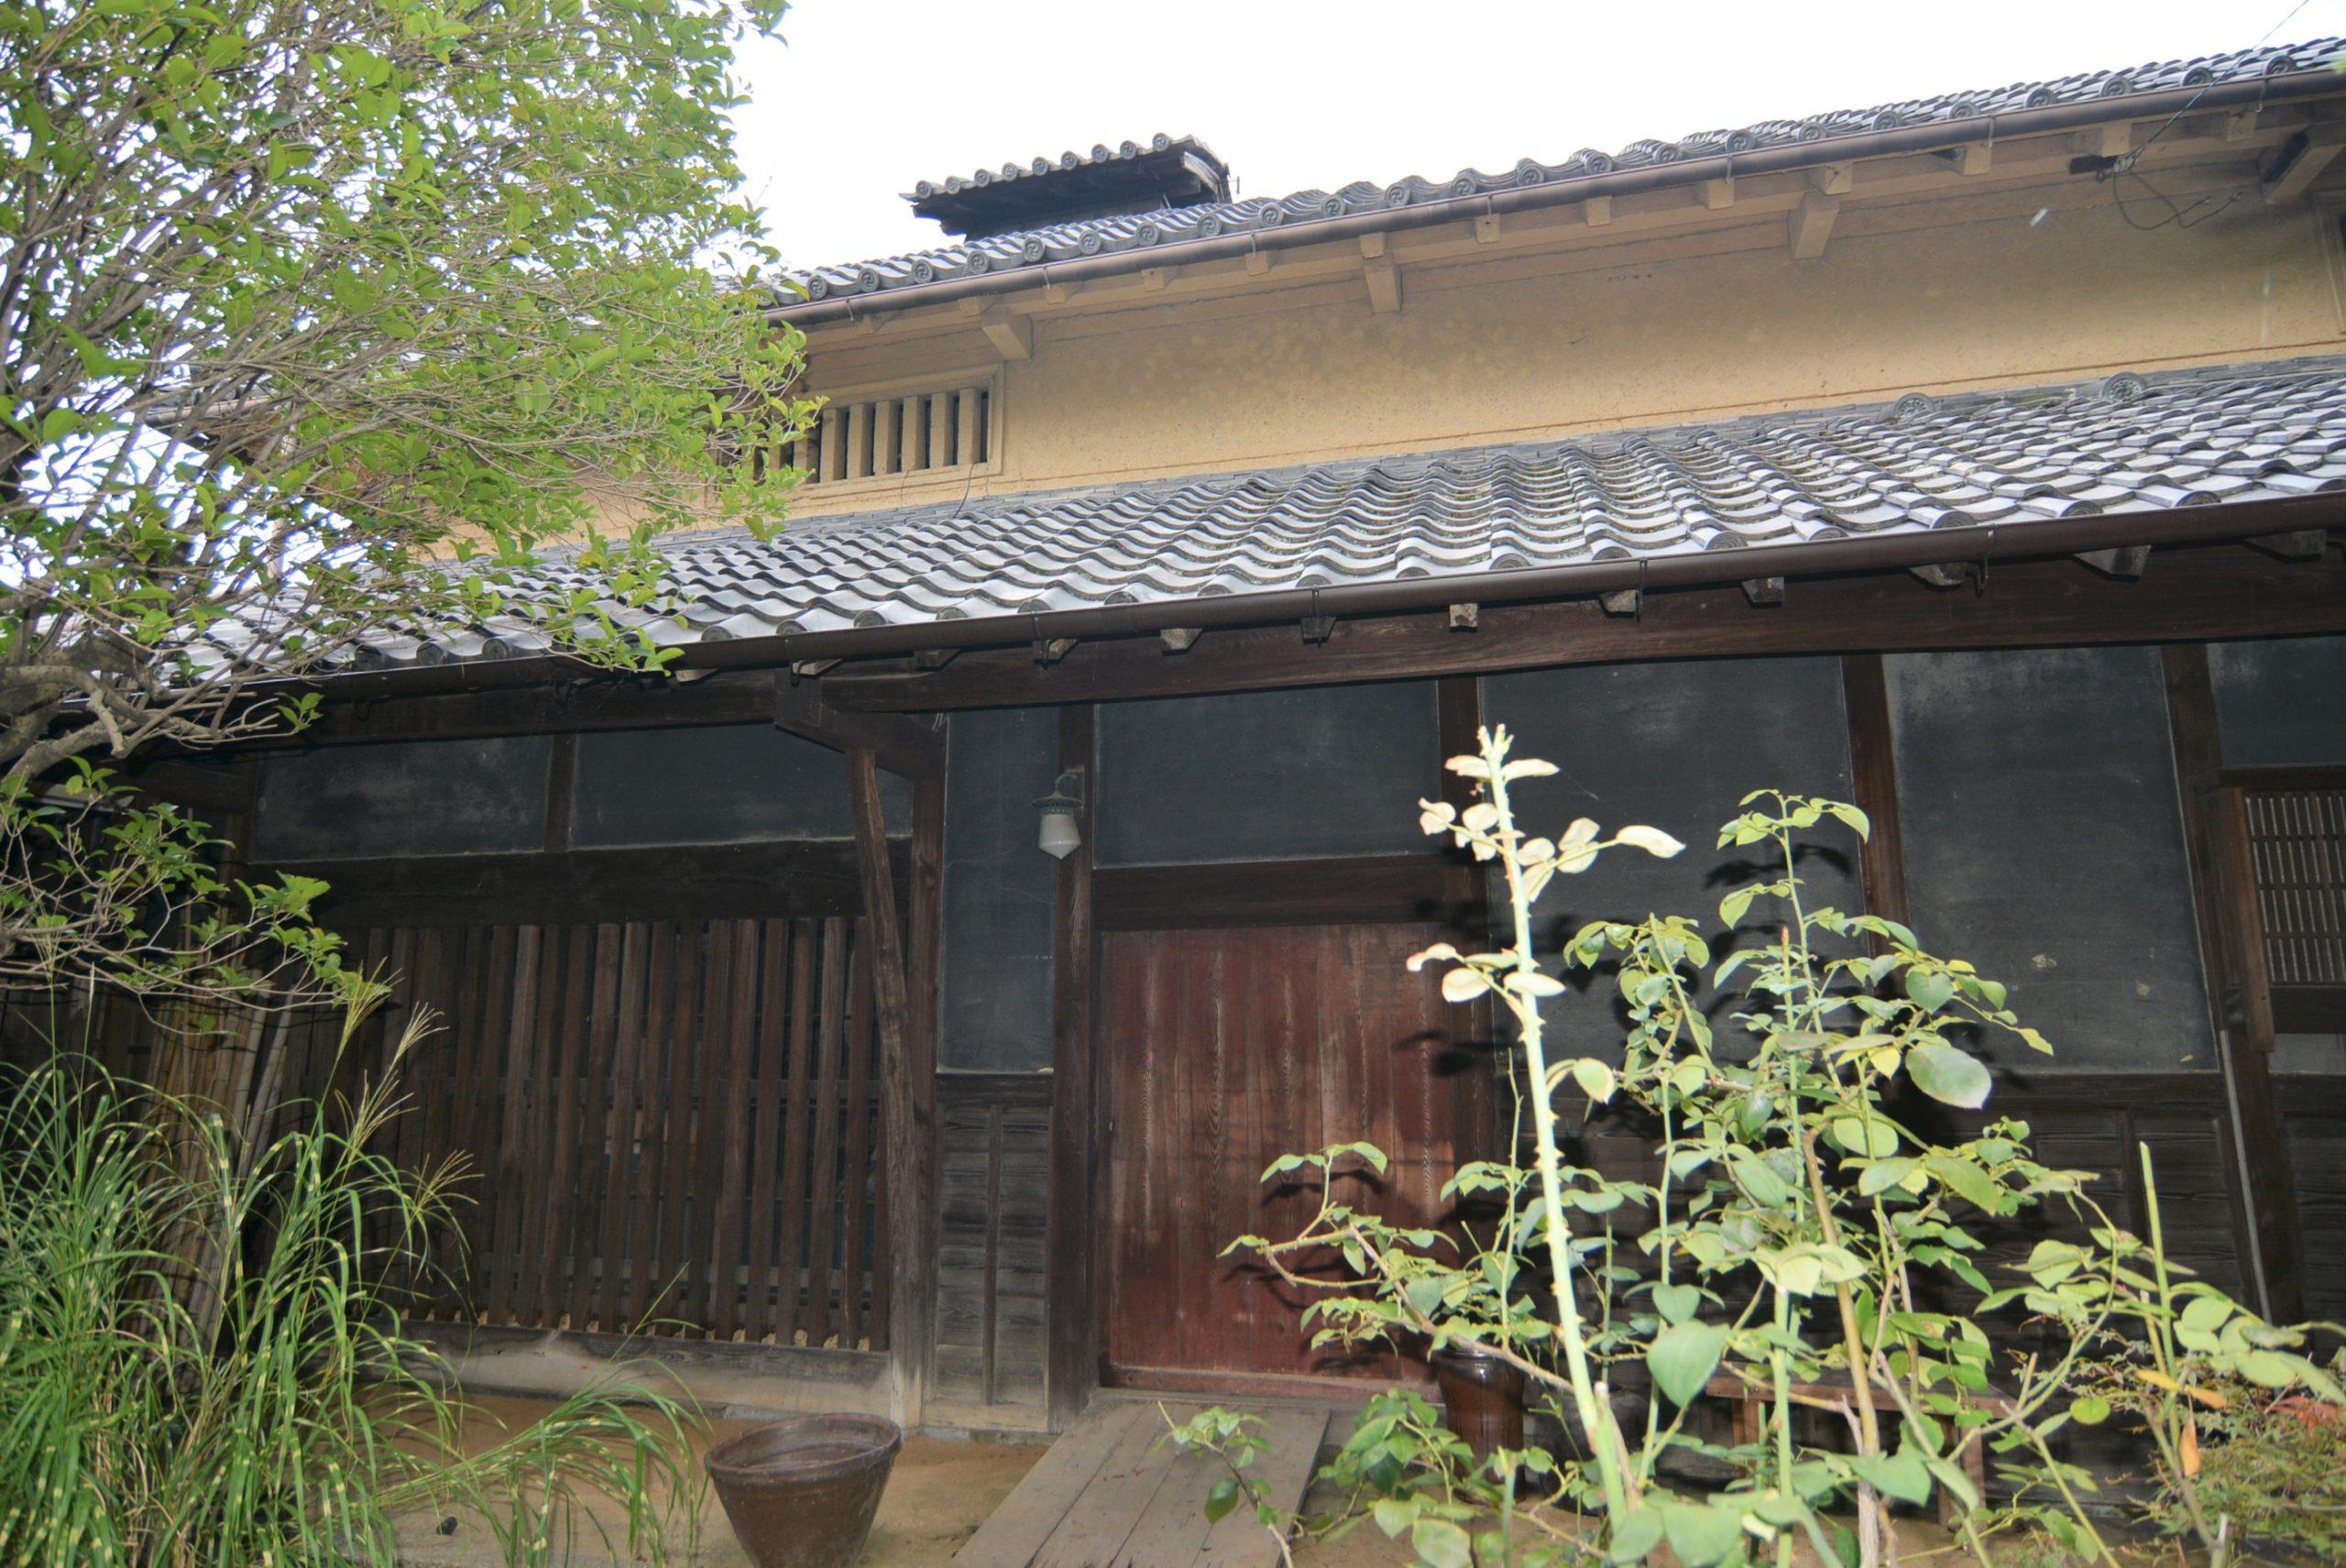 <p>主屋の正面</p>正門から玄関庭の敷石を伝い、敷地中ほどに主屋がある。下屋を廻らせた入母屋造桟瓦葺で、煙出がある。